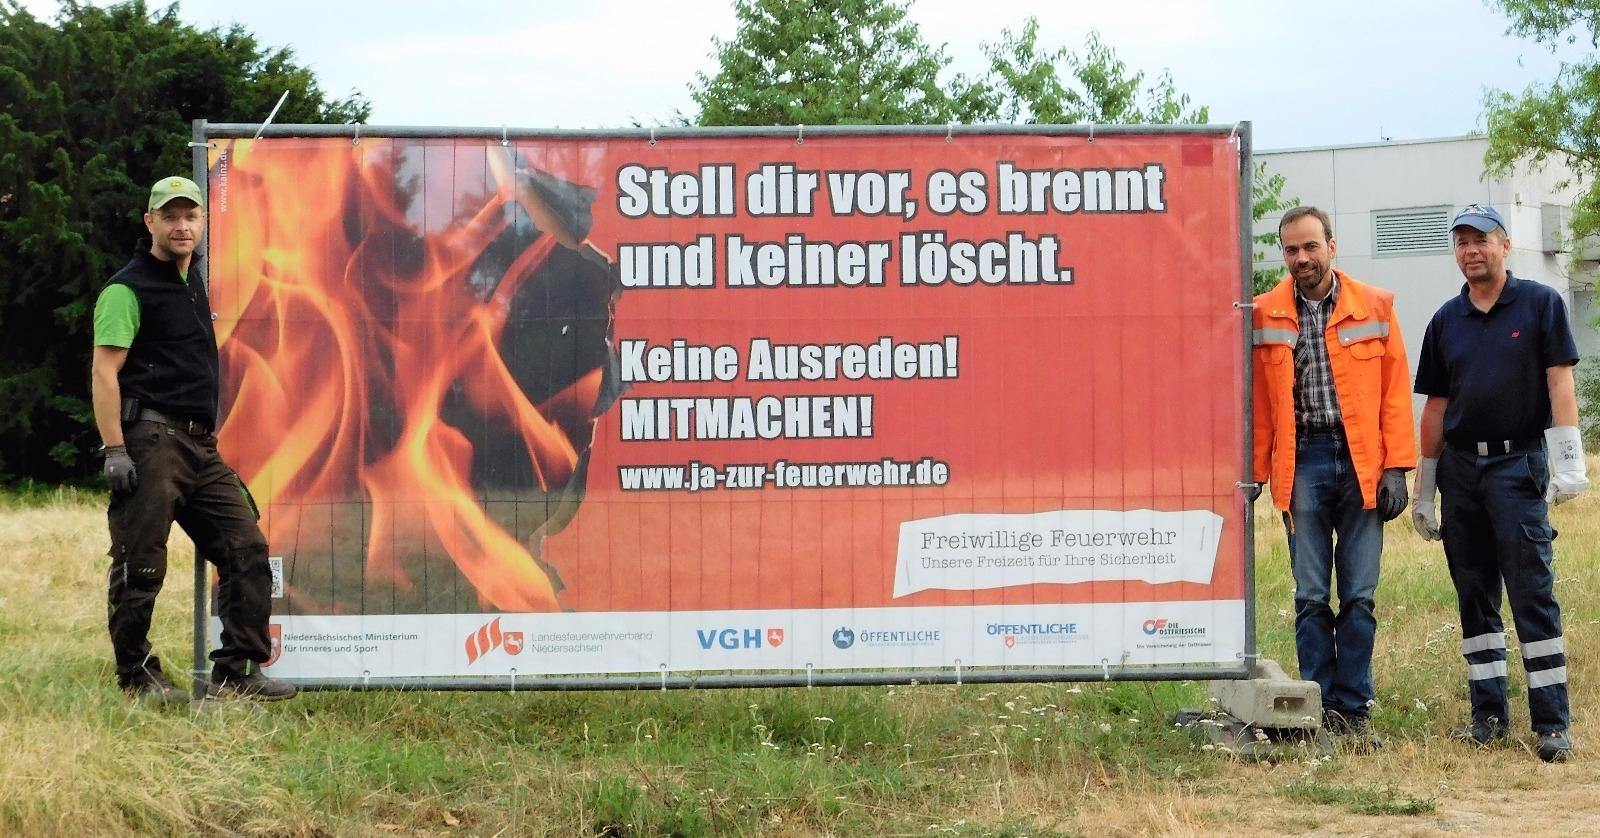 WERBUNG - Stell dir vor, es brennt und keiner löscht!